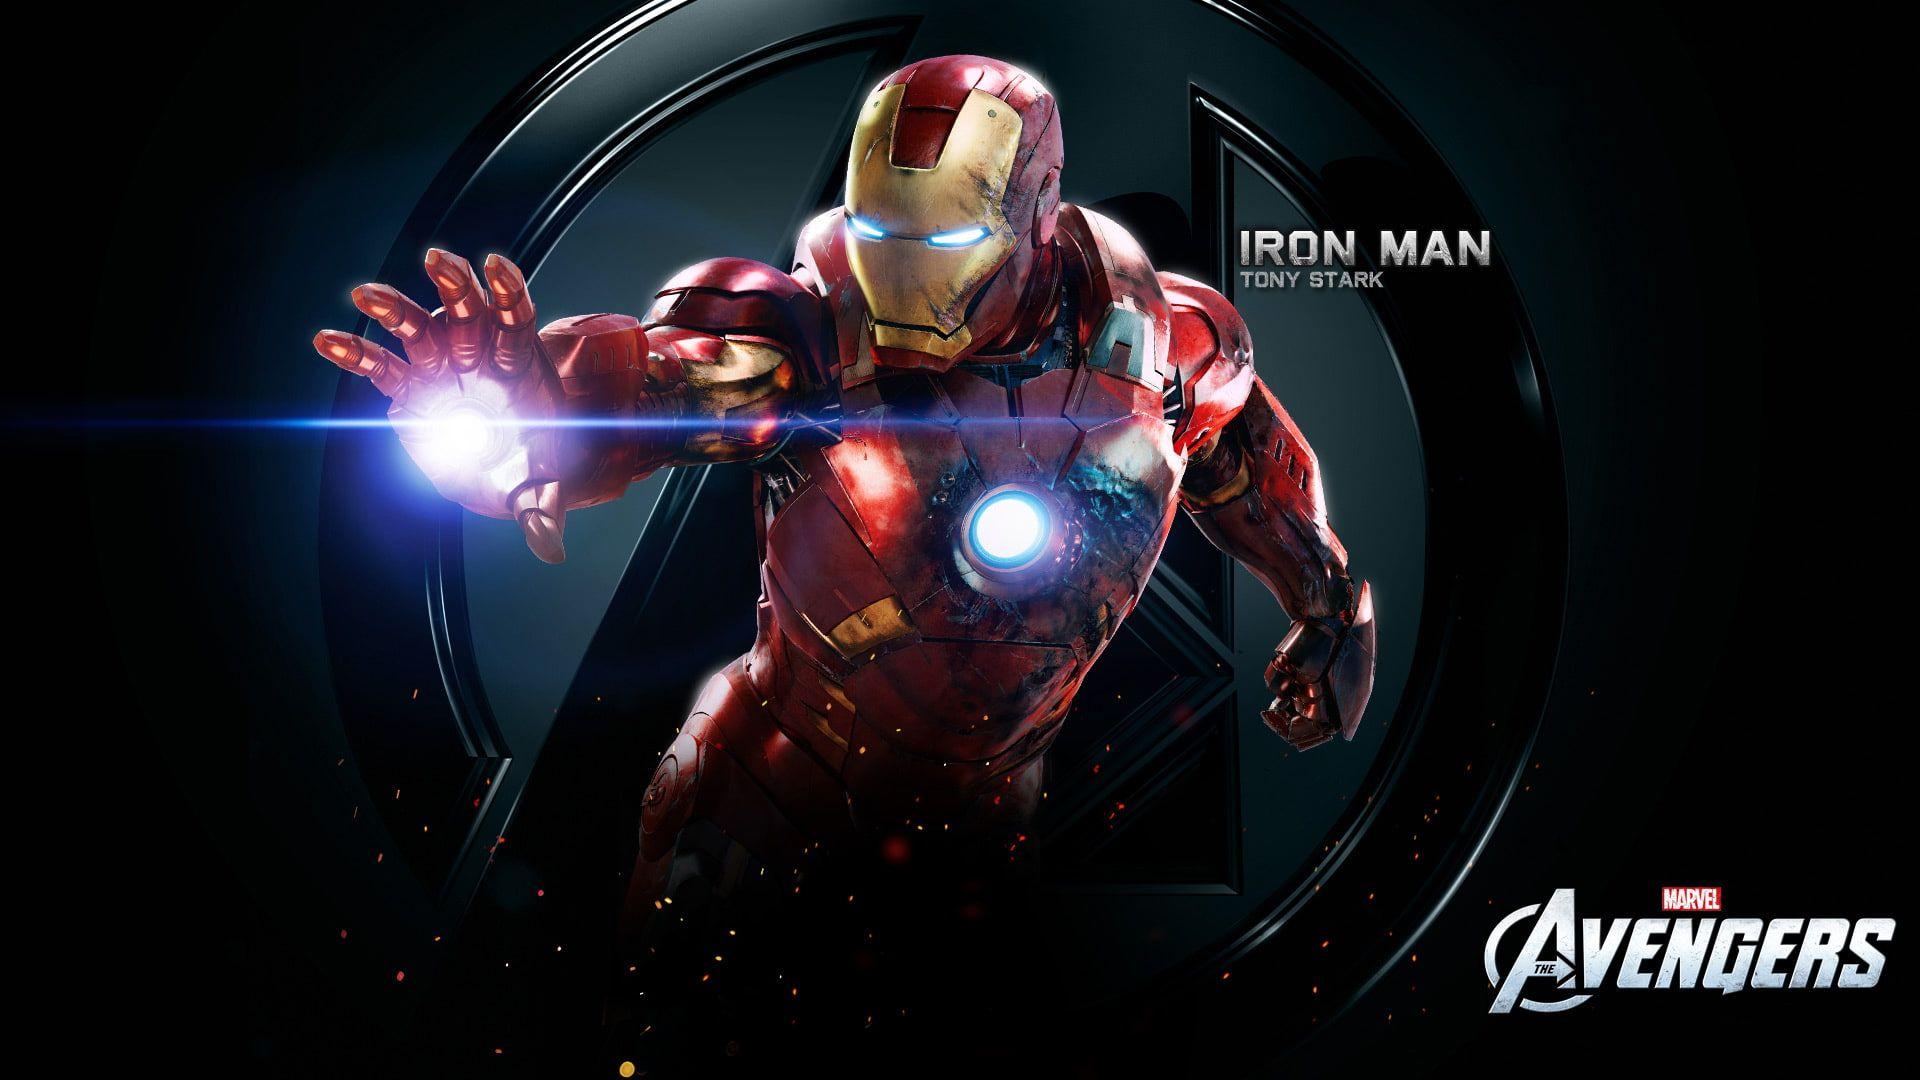 Iron Man Tony Stark Iron Tony Stark 1080p Wallpaper Hdwallpaper Desktop Iron Man Wallpaper Iron Man Hd Wallpaper Avengers Wallpaper 1080p iron man hd wallpaper for laptop